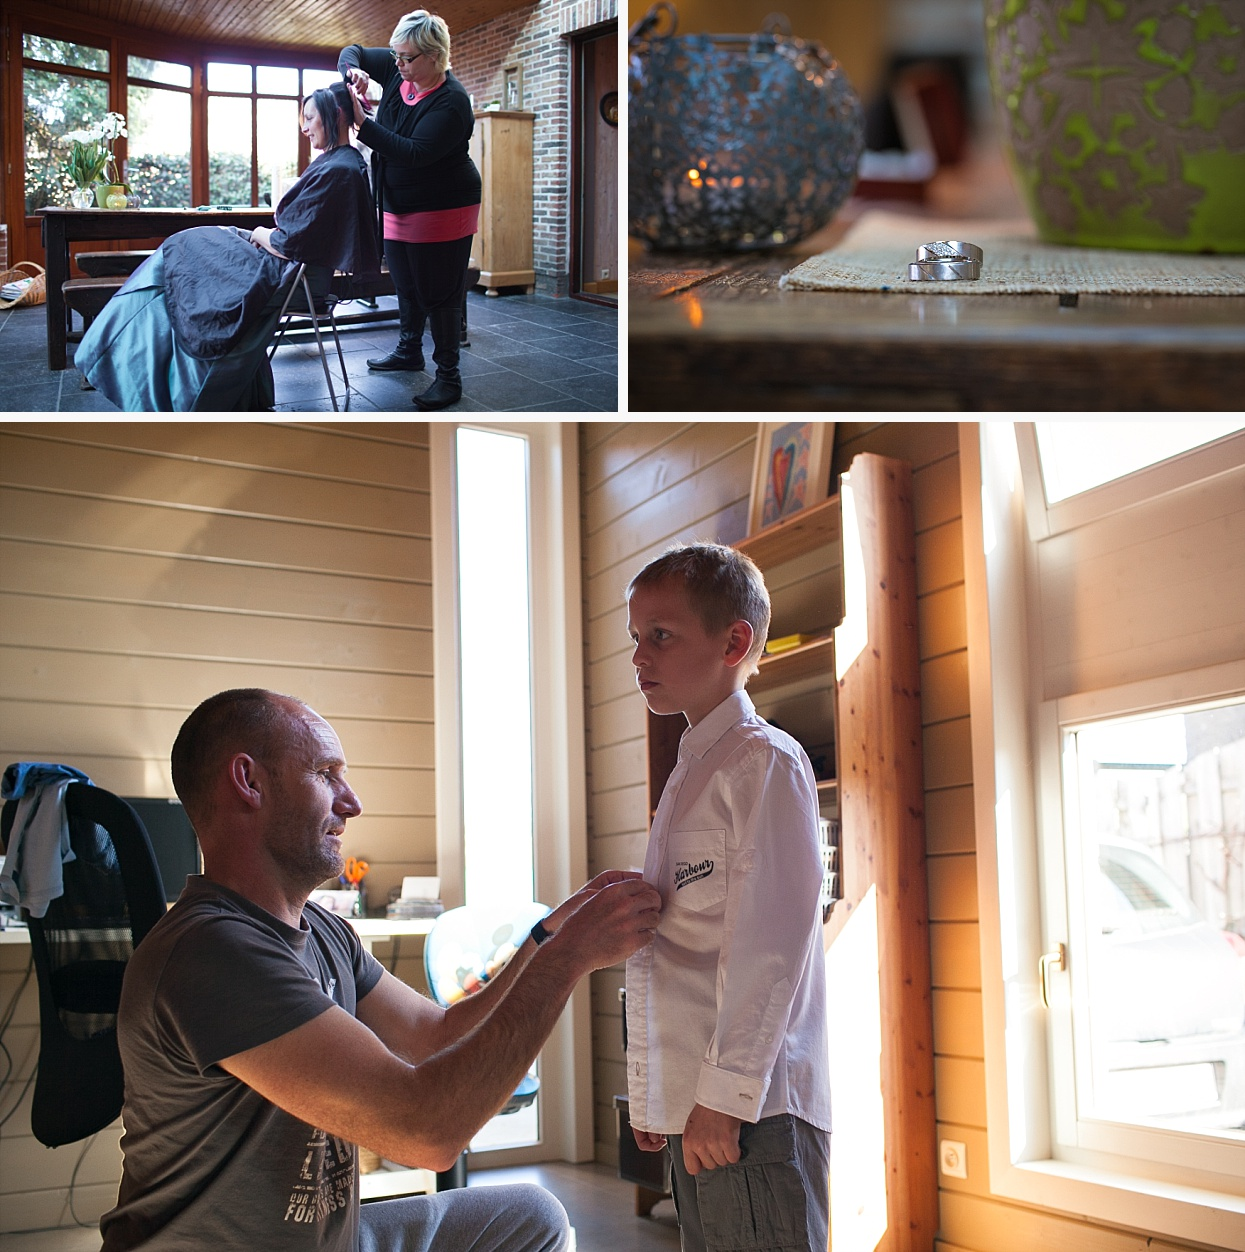 huwelijksfotograaf-melsen-veerle-dirk-01